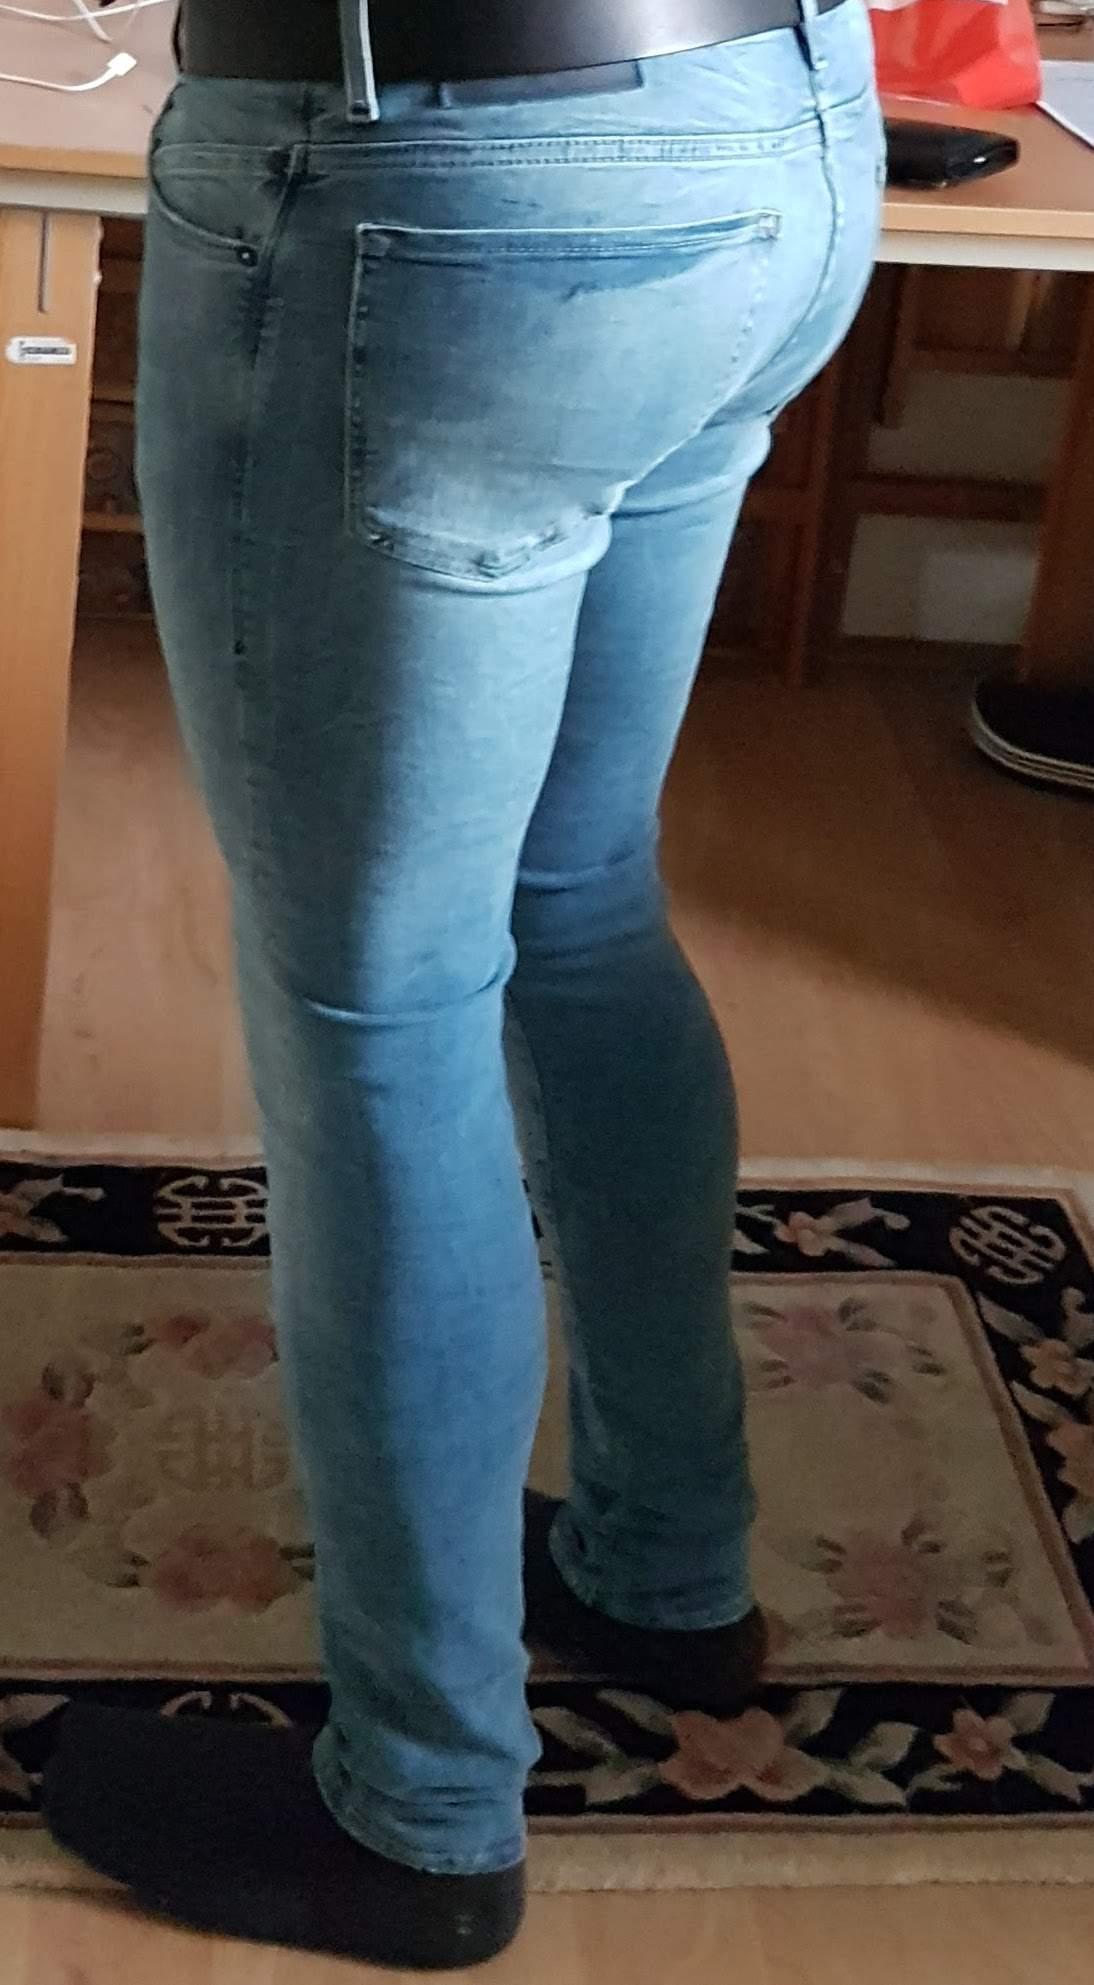 Sollte man als Junge eher enge oder weite Jeans tragen